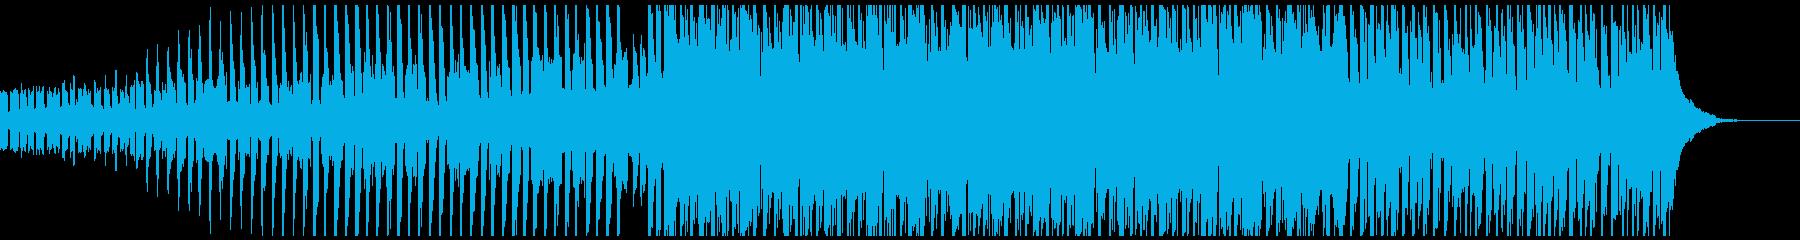 パワーダンス(ミディアム)の再生済みの波形